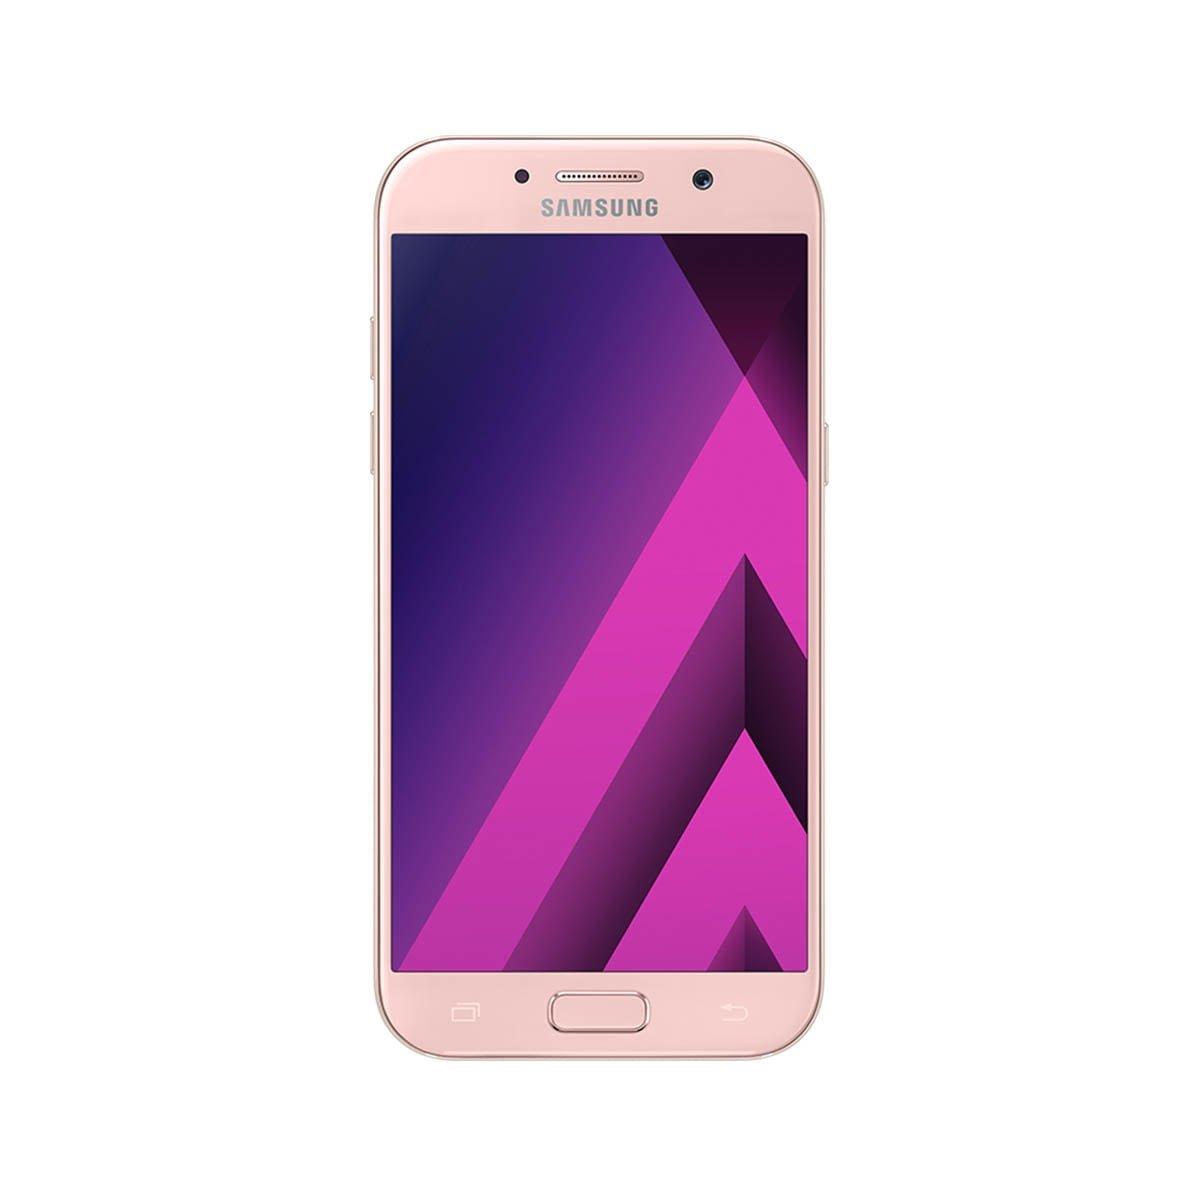 Samsung Galaxy A3 2017 - Smartphone Libre de 4.7